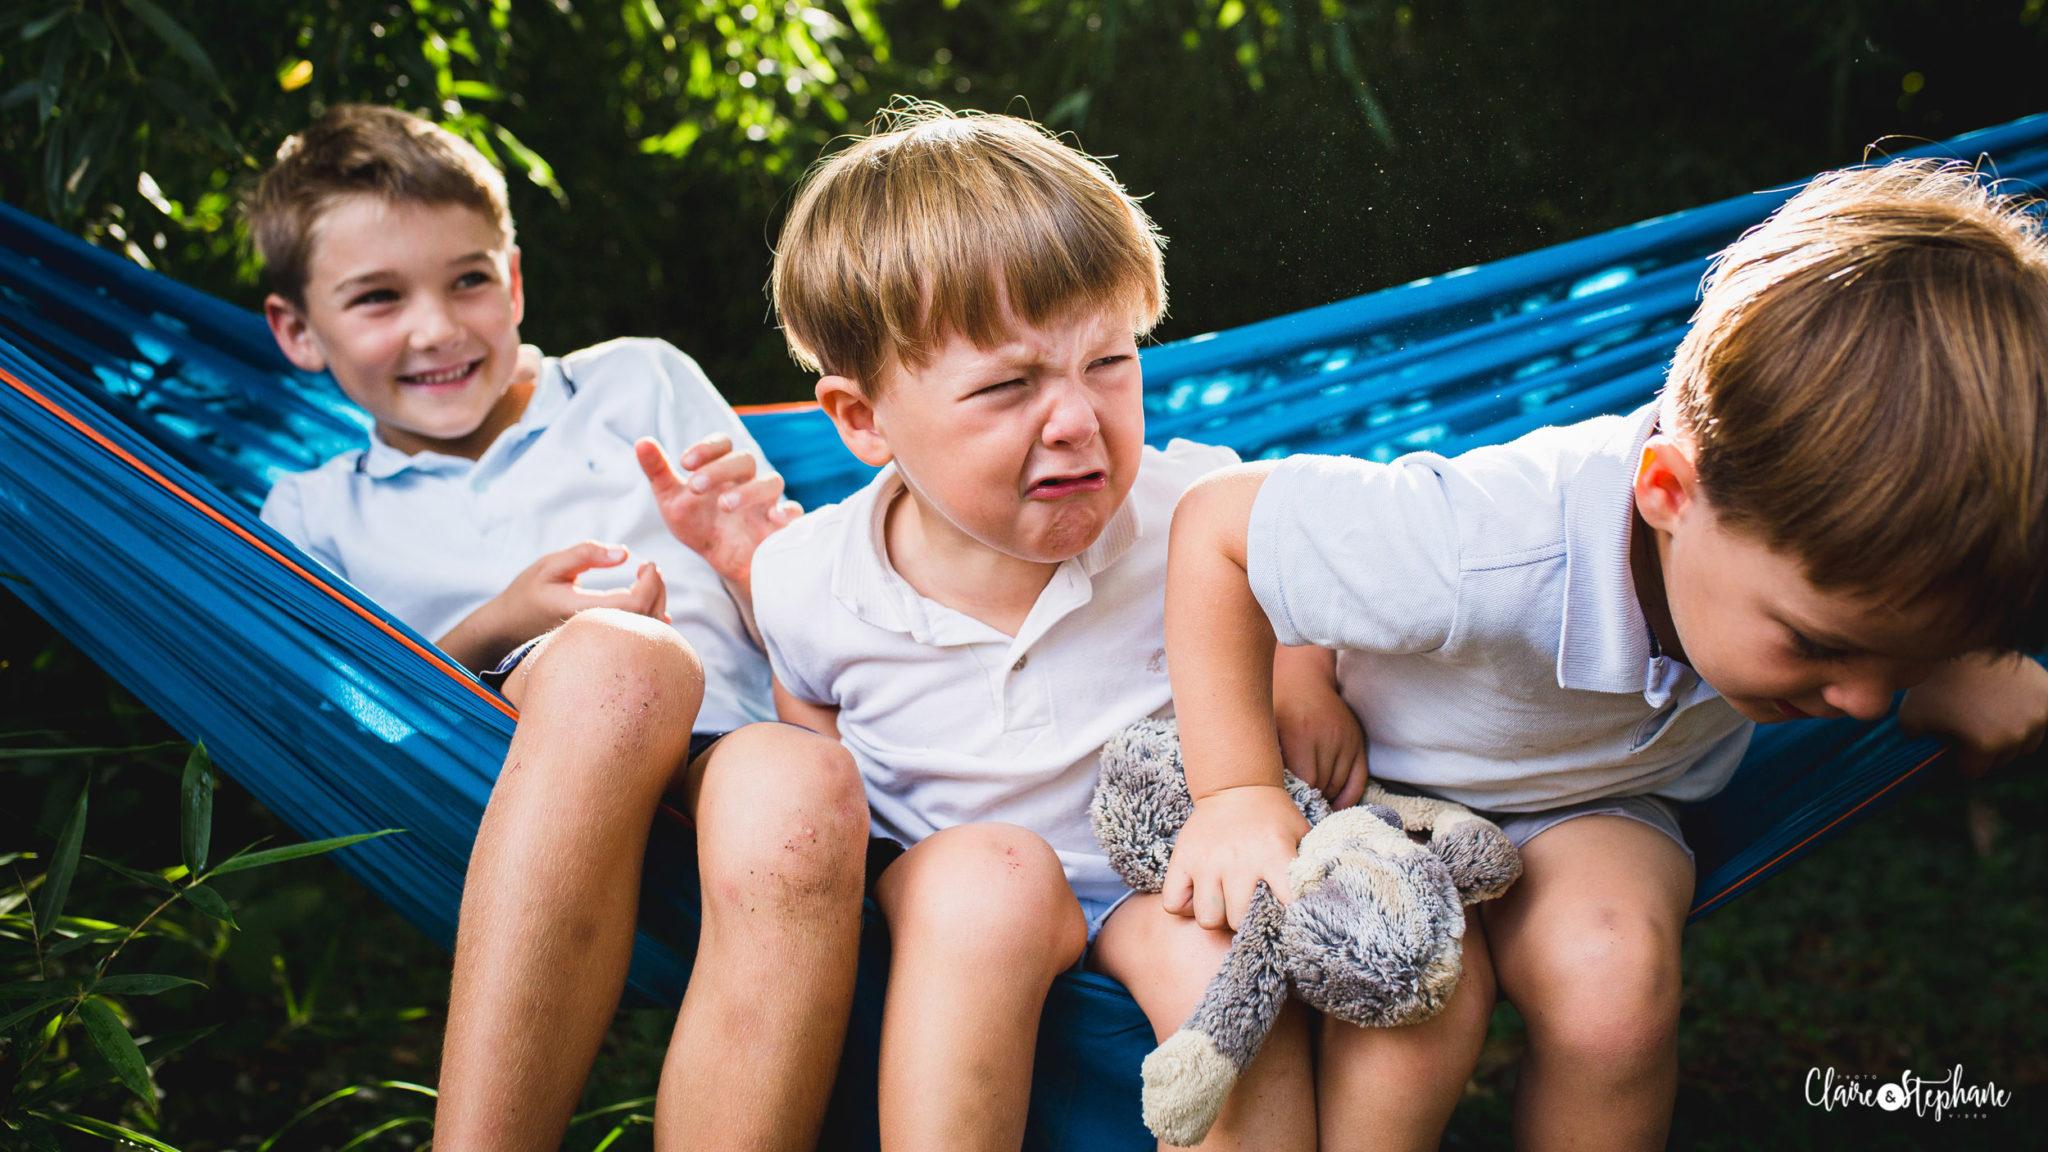 Trois jeunes frères dans un hamac bleus, celui du milieu faire une grimace de pleur